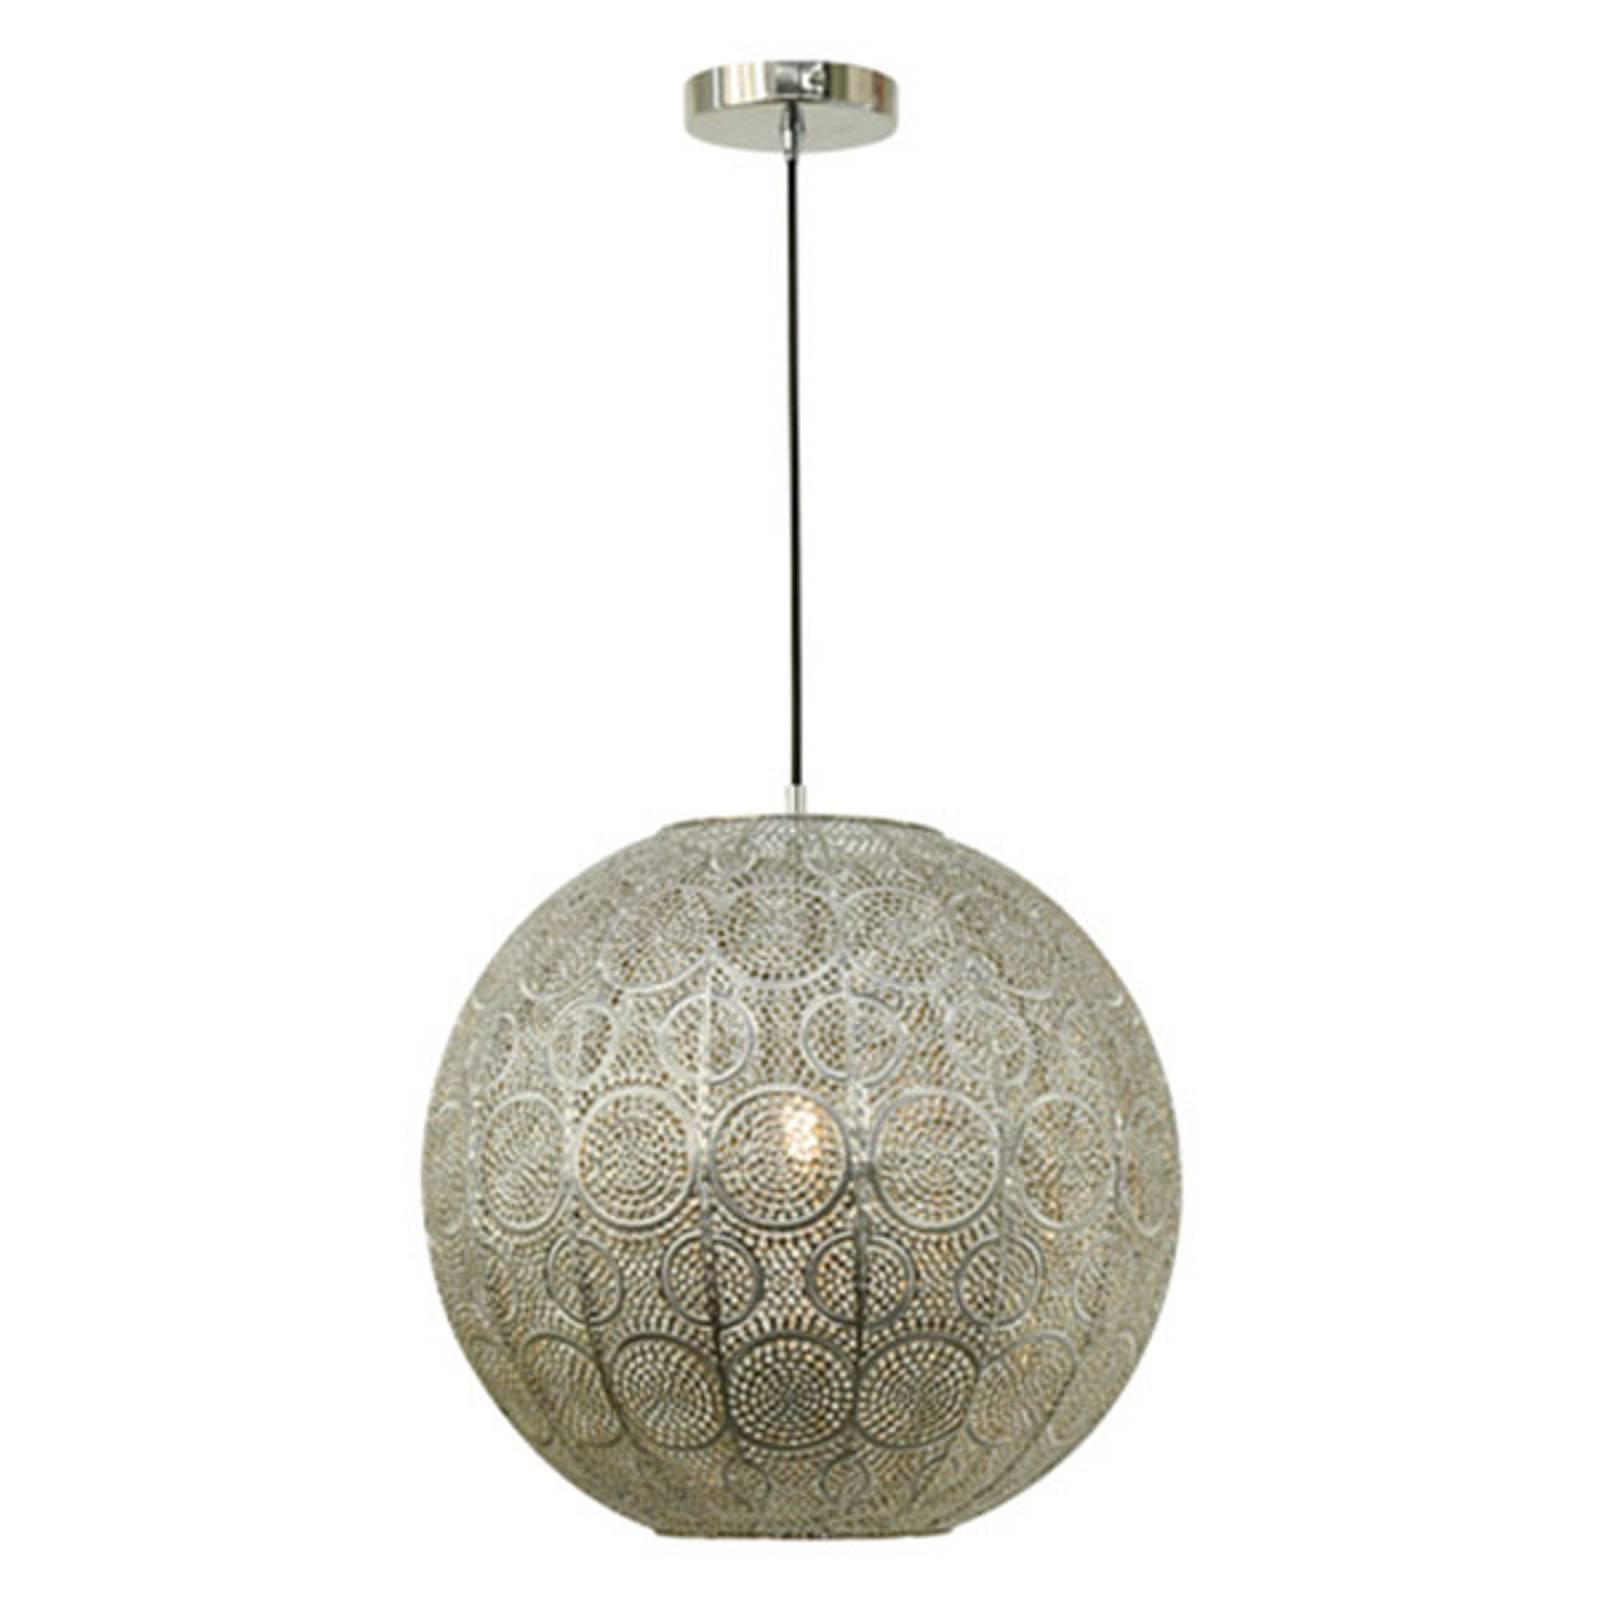 Hanglamp Stampa, bolvormig, Ø 40 cm